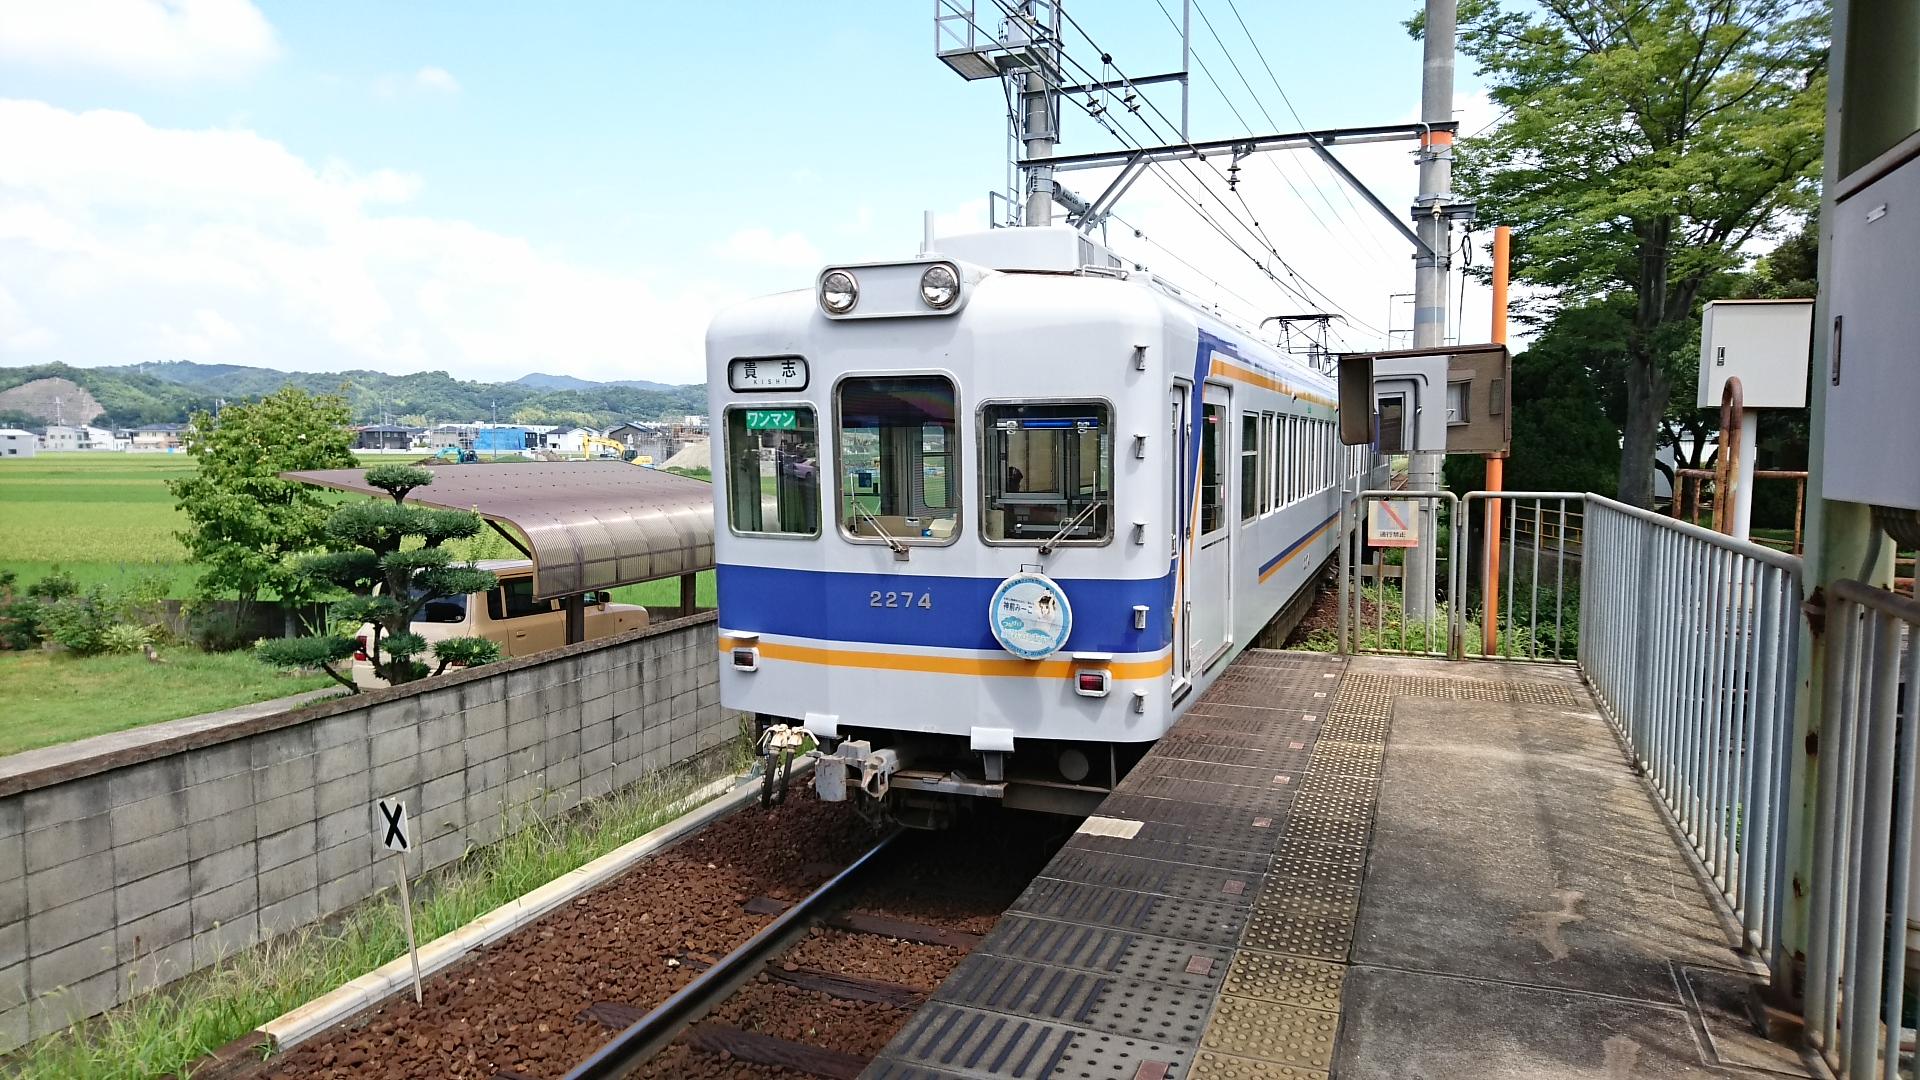 2017.8.17 たま電車 (22) 交通センター前 - 貴志いきふつう 1920-1080